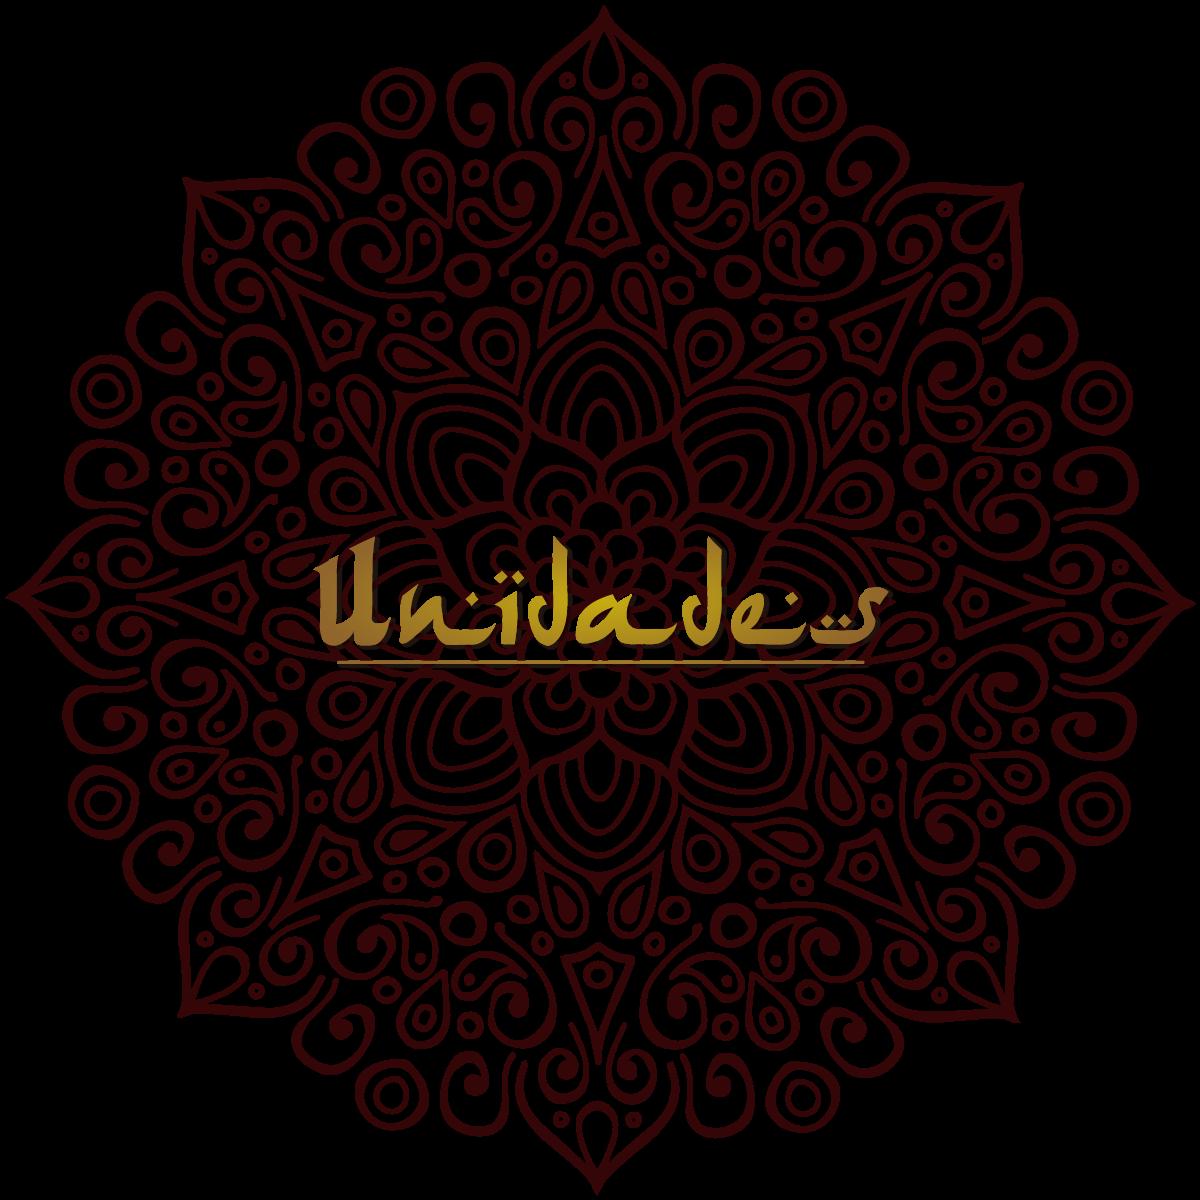 Mandala clipart rangoli. Coloring book mandalas png